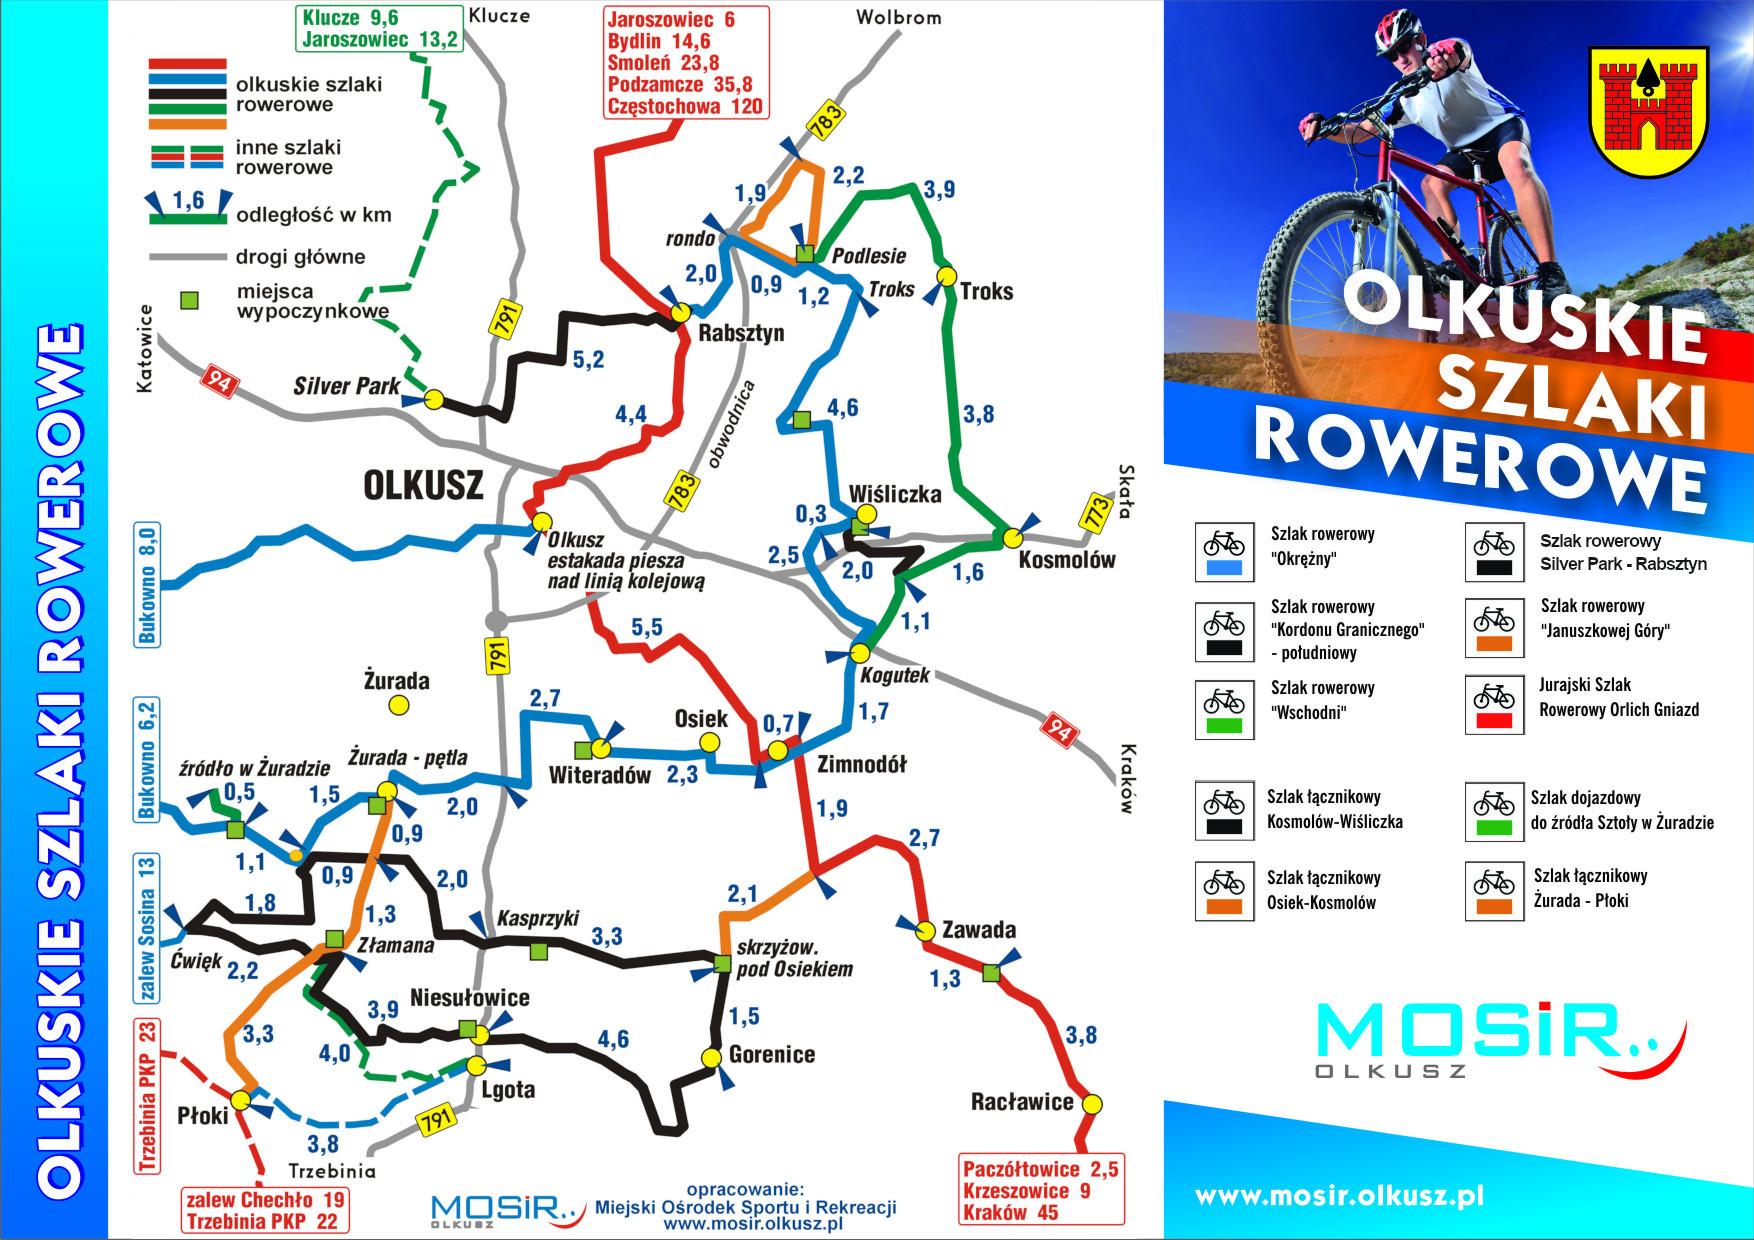 Mapka schematyczna Olkuskich Szlaków Rowerowych